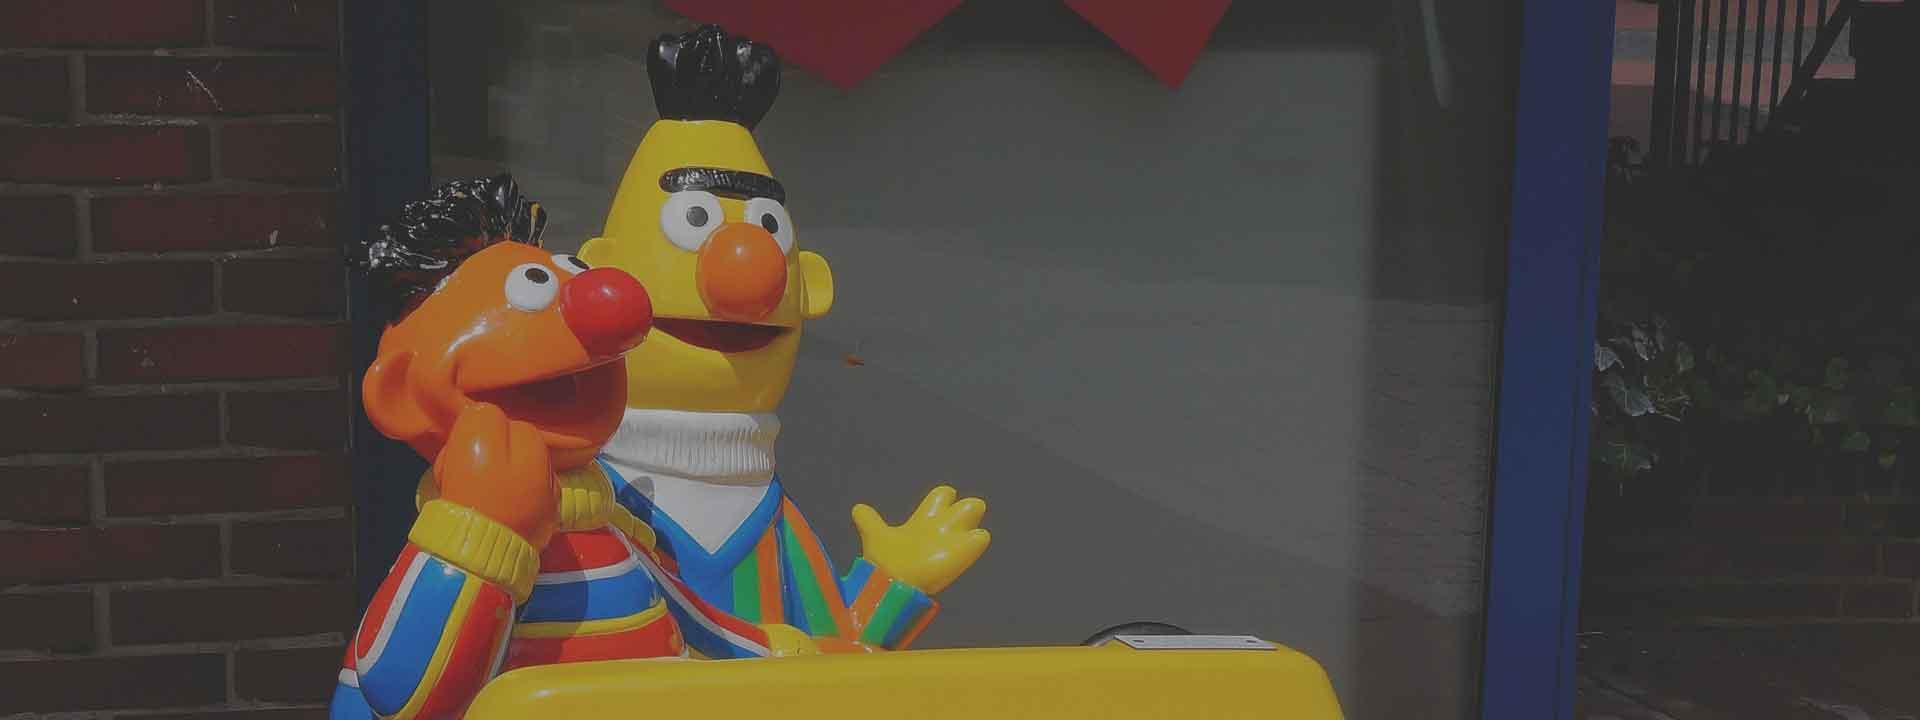 De sesamstraat figuren Erny en Bert